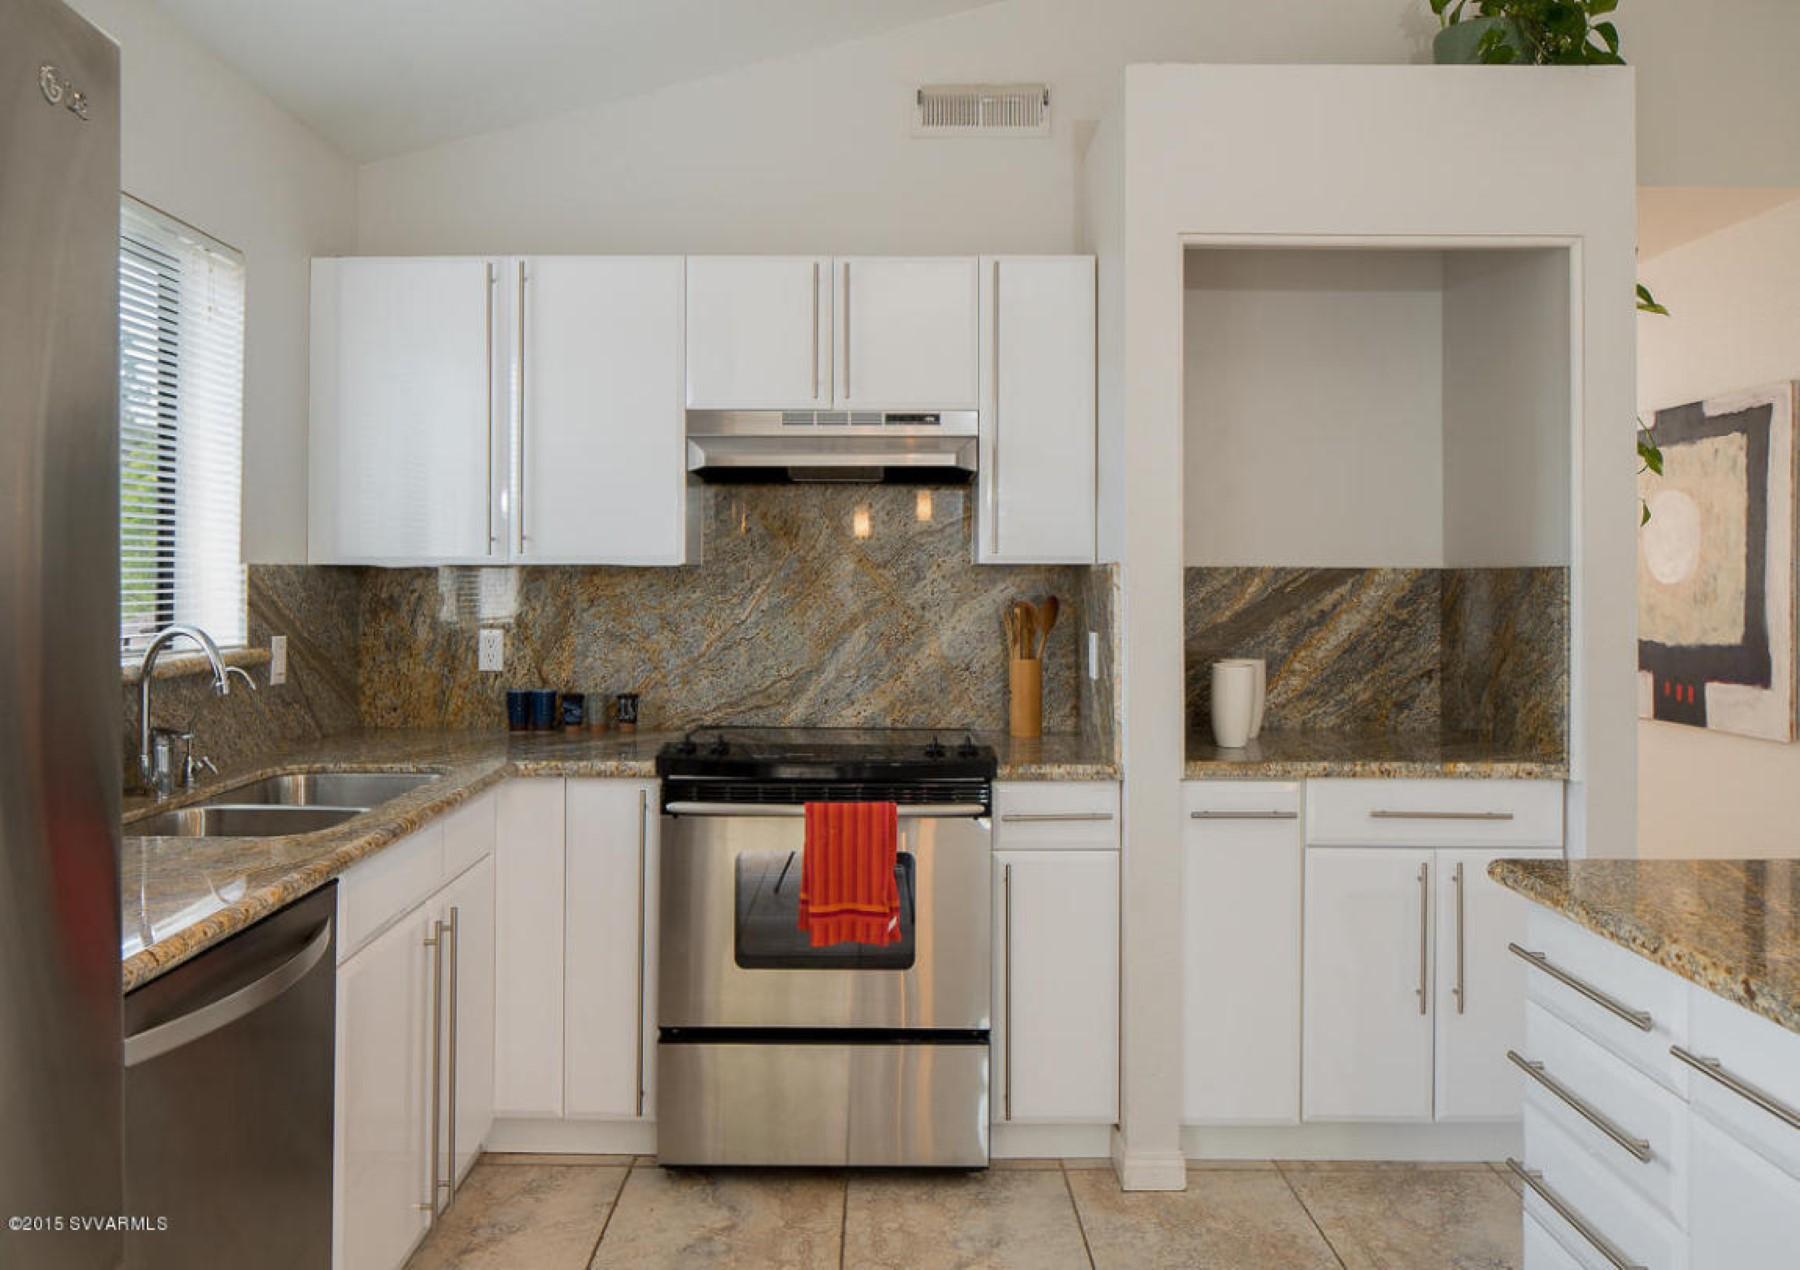 Moradia para Venda às This home demonstrates Views, Freshness, and Elegance. 2350 Maxwell Sedona, Arizona 86336 Estados Unidos